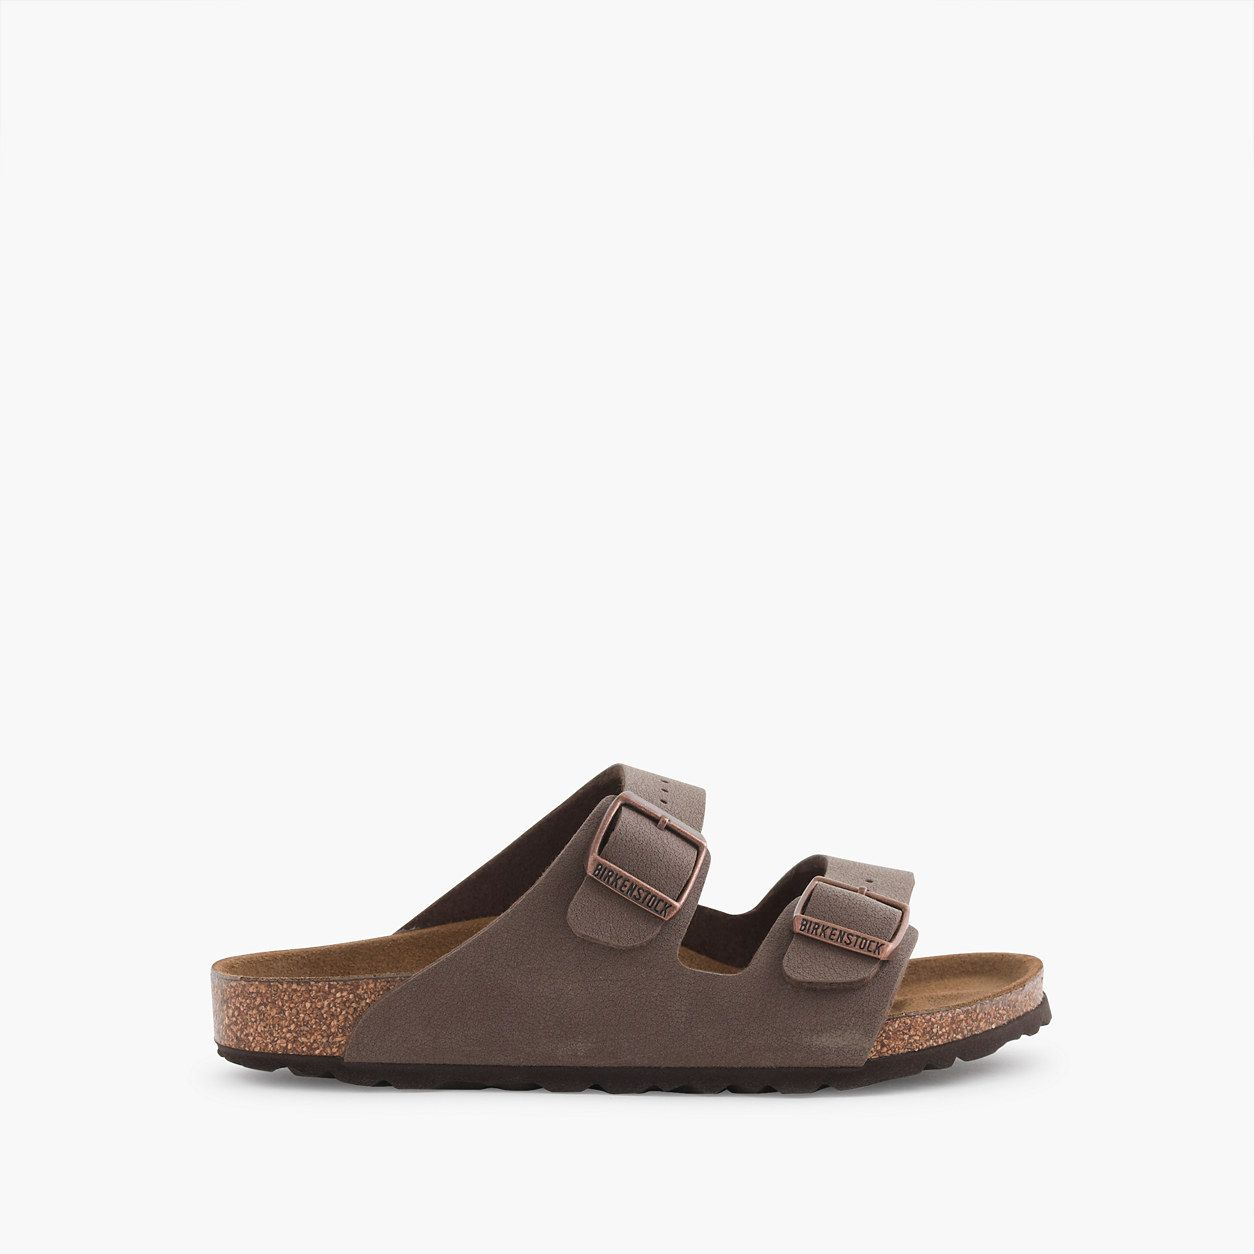 bd02f3ab11cf crewcuts Boys Birkenstock Arizona Sandals (Size